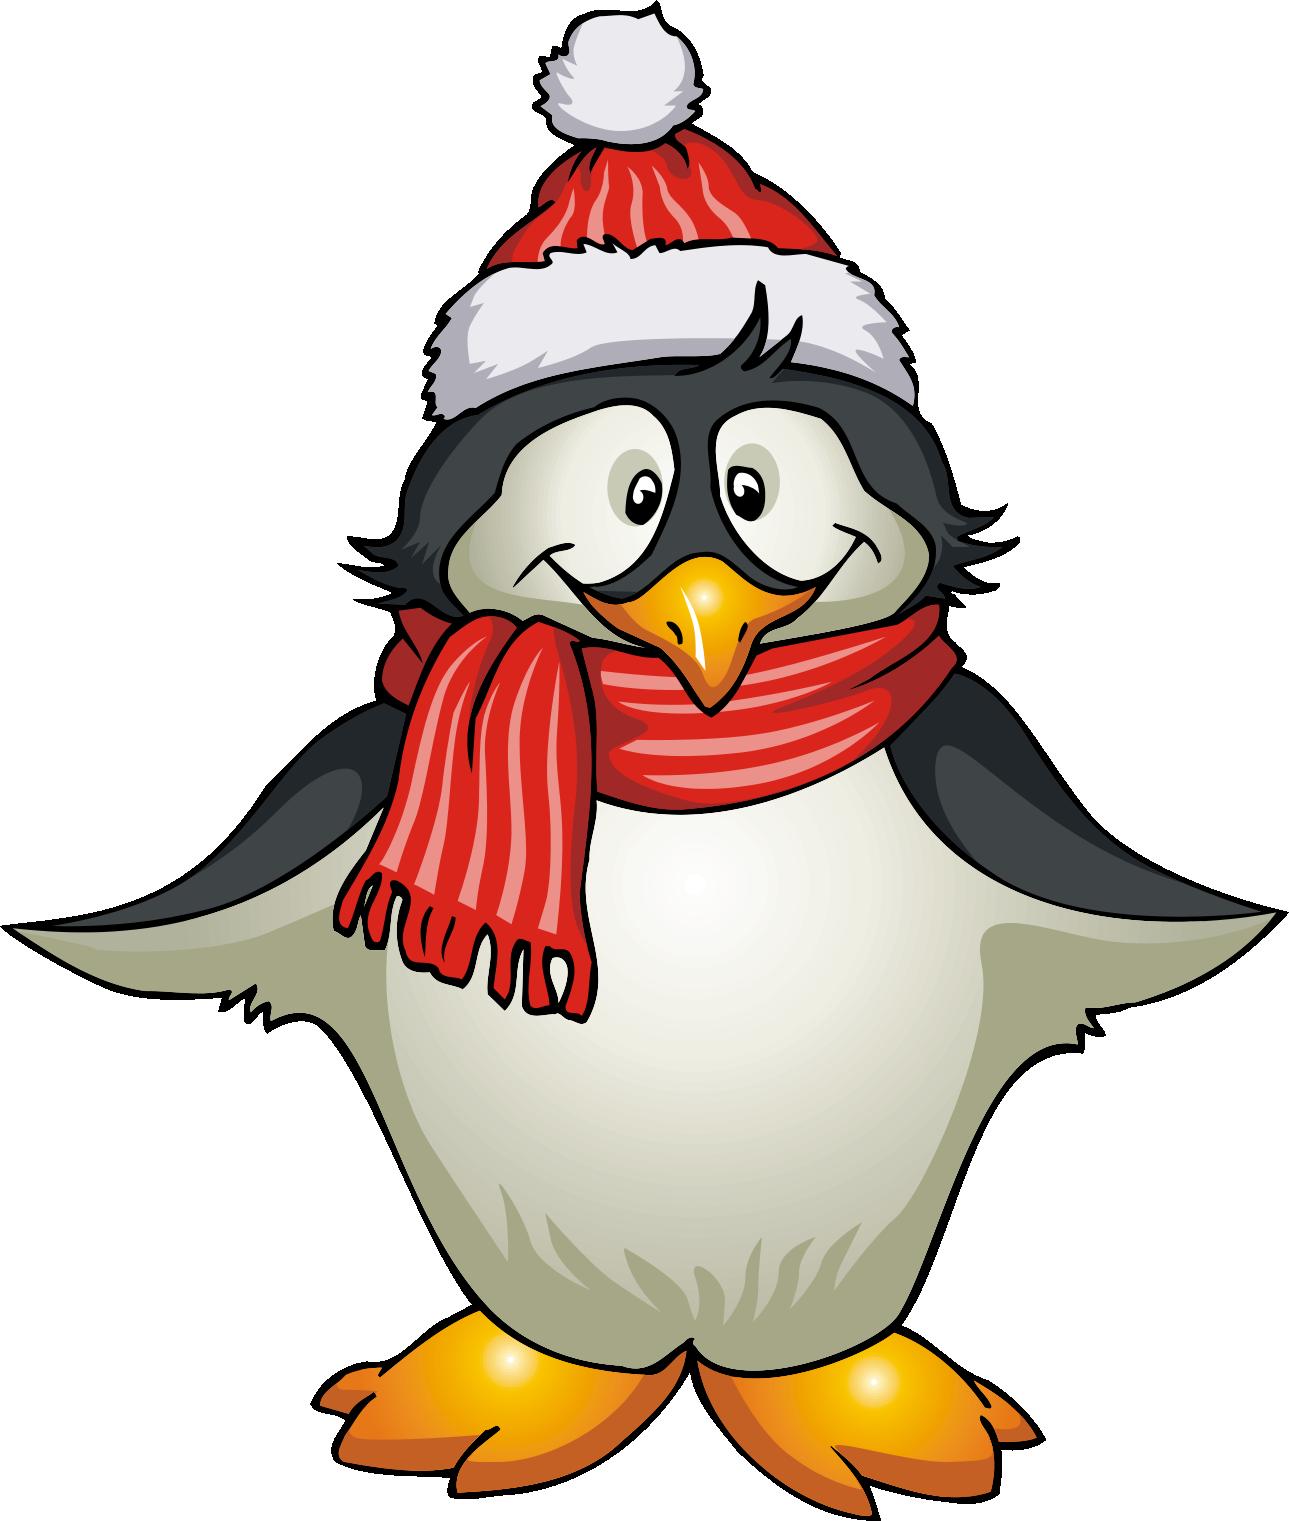 Winter Penguin Clip Art | Clipart Panda - Free Clipart Images